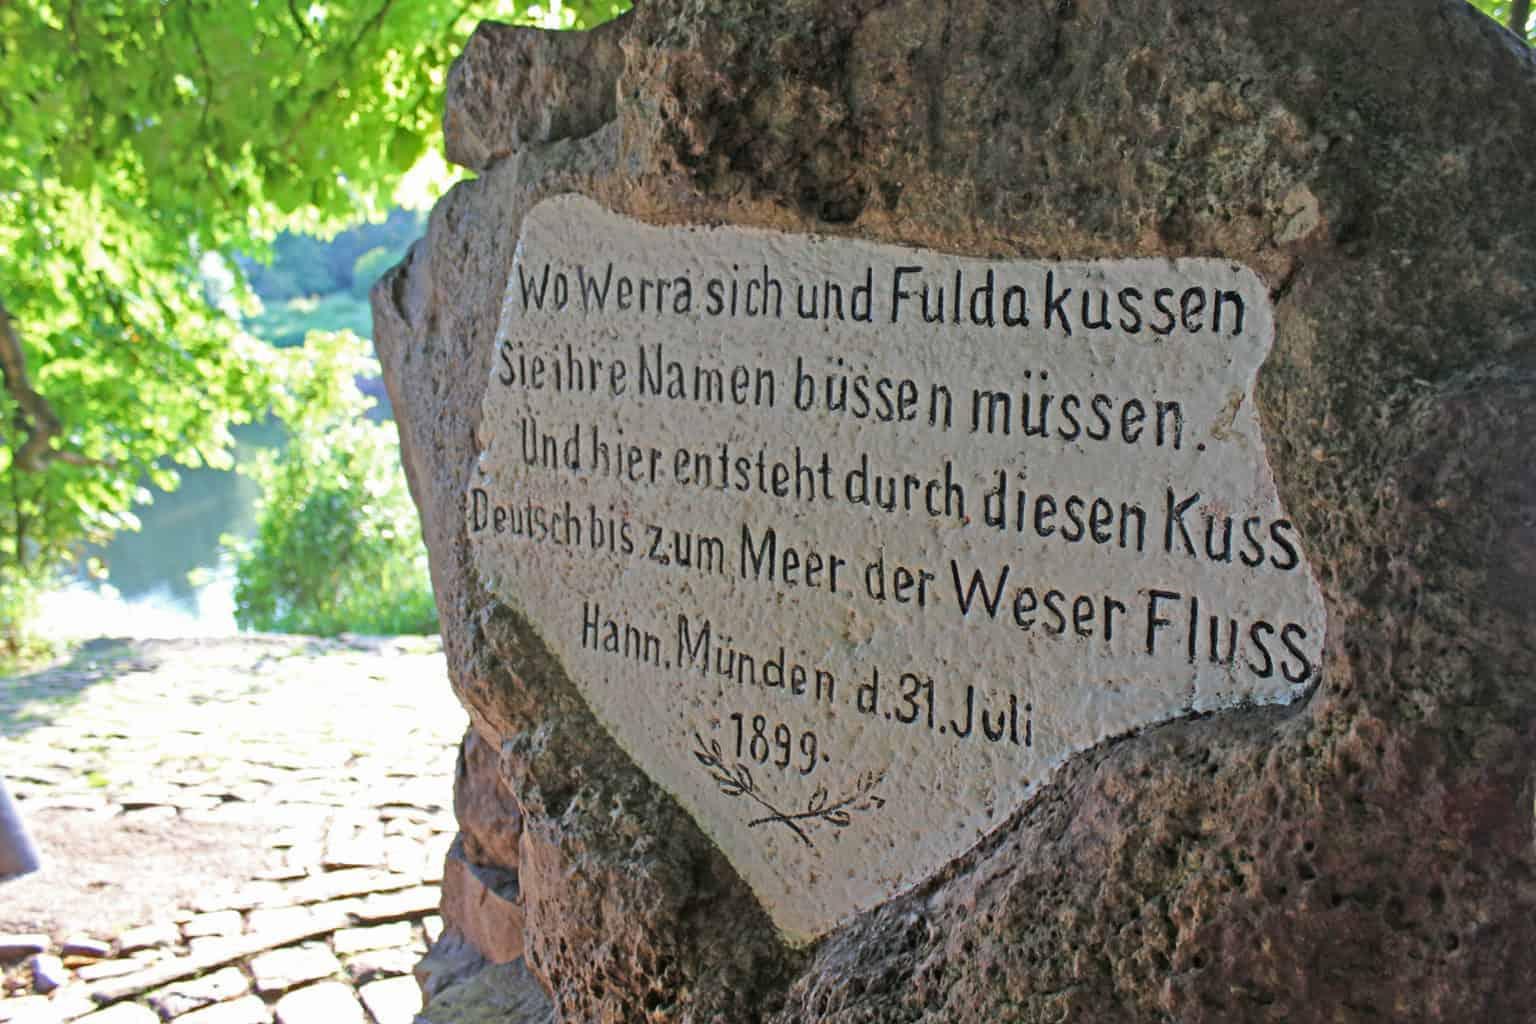 Een gedicht over de rivieren Werra en Fulda op een bord